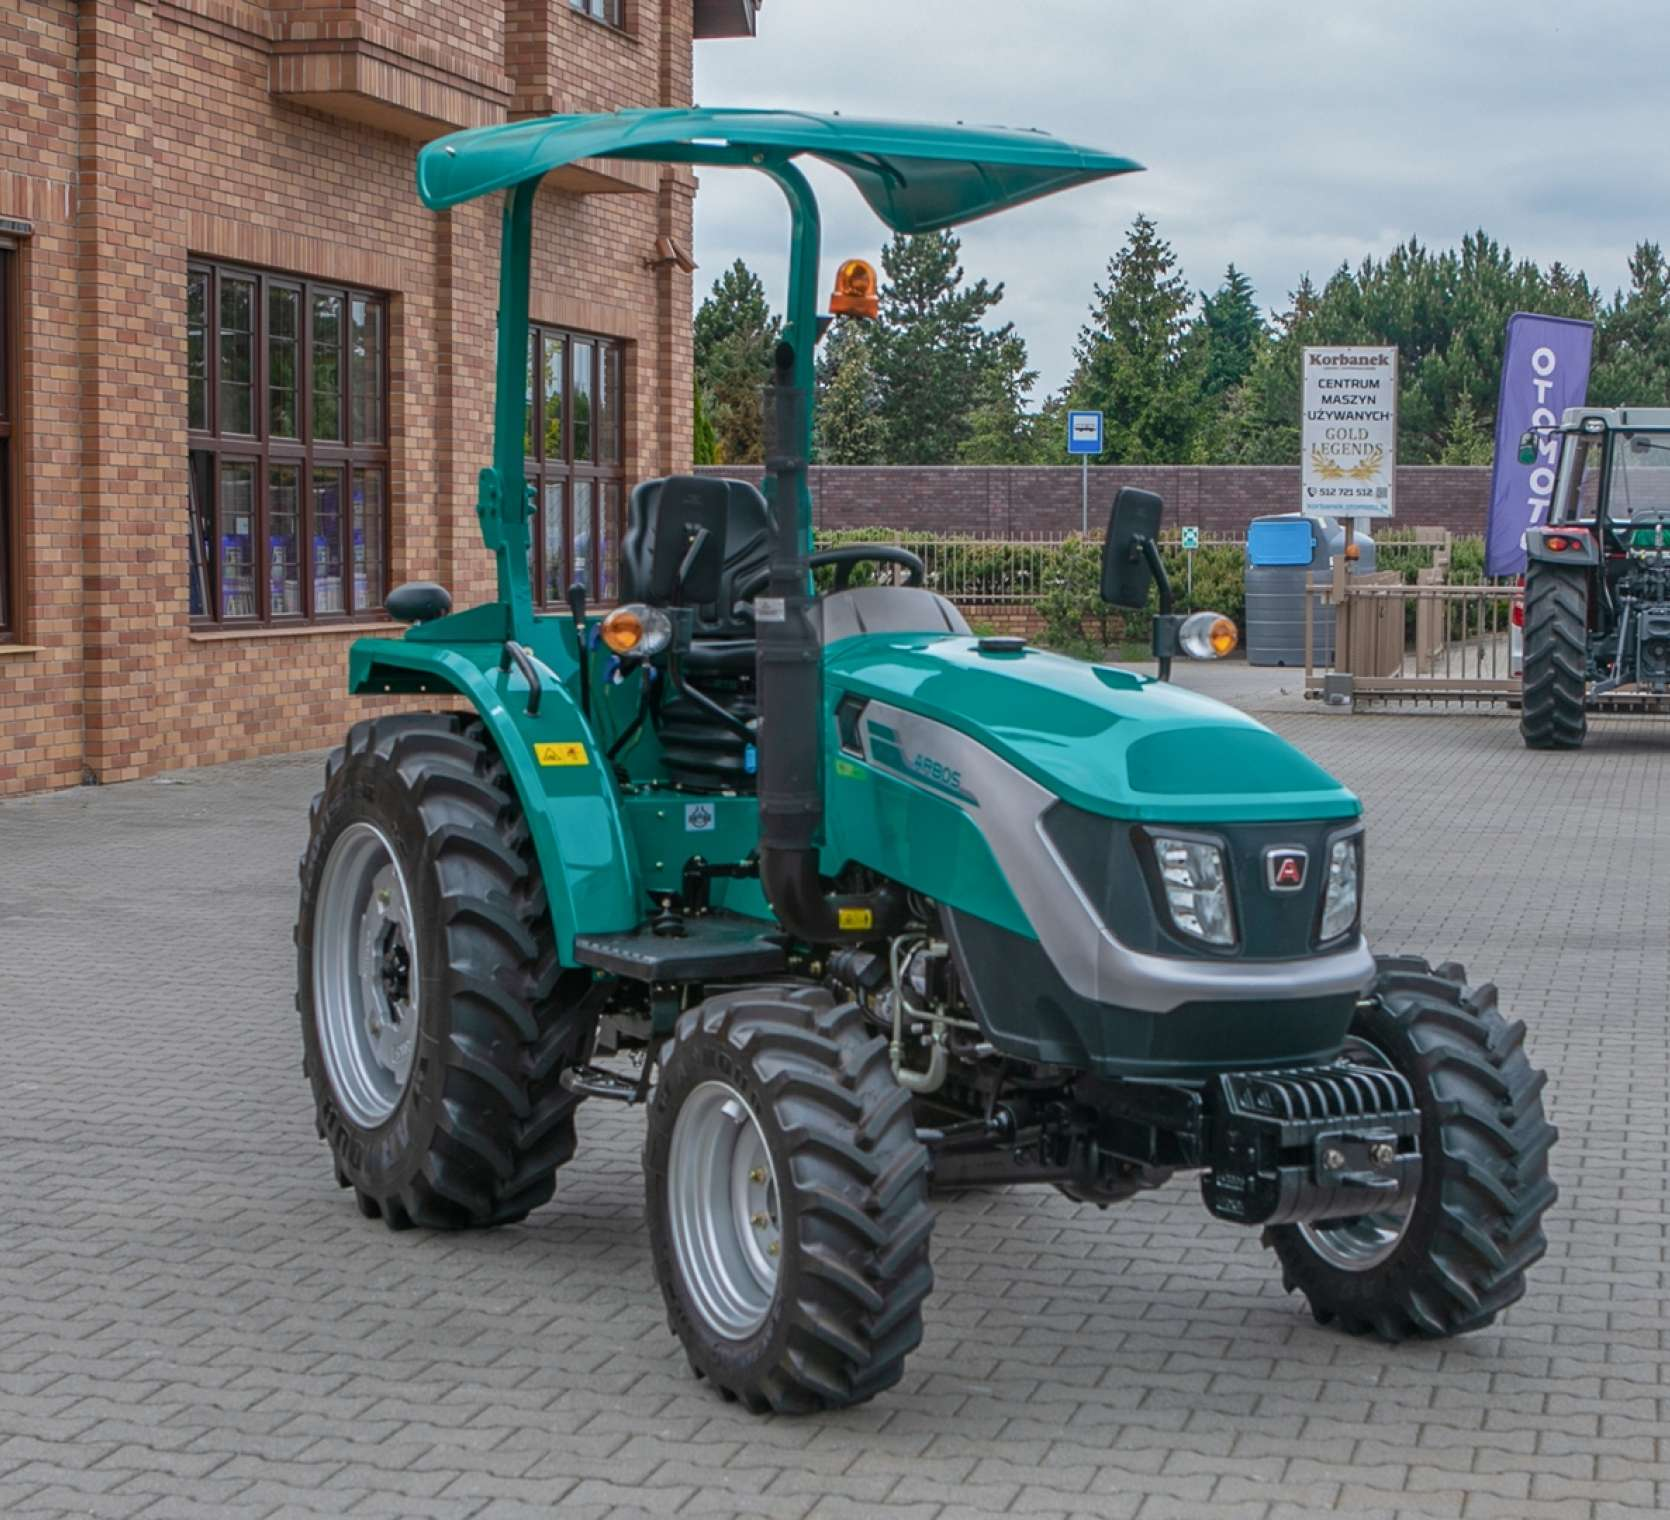 Fotografia na której zaprezentowany jest traktor Arbos 2025.